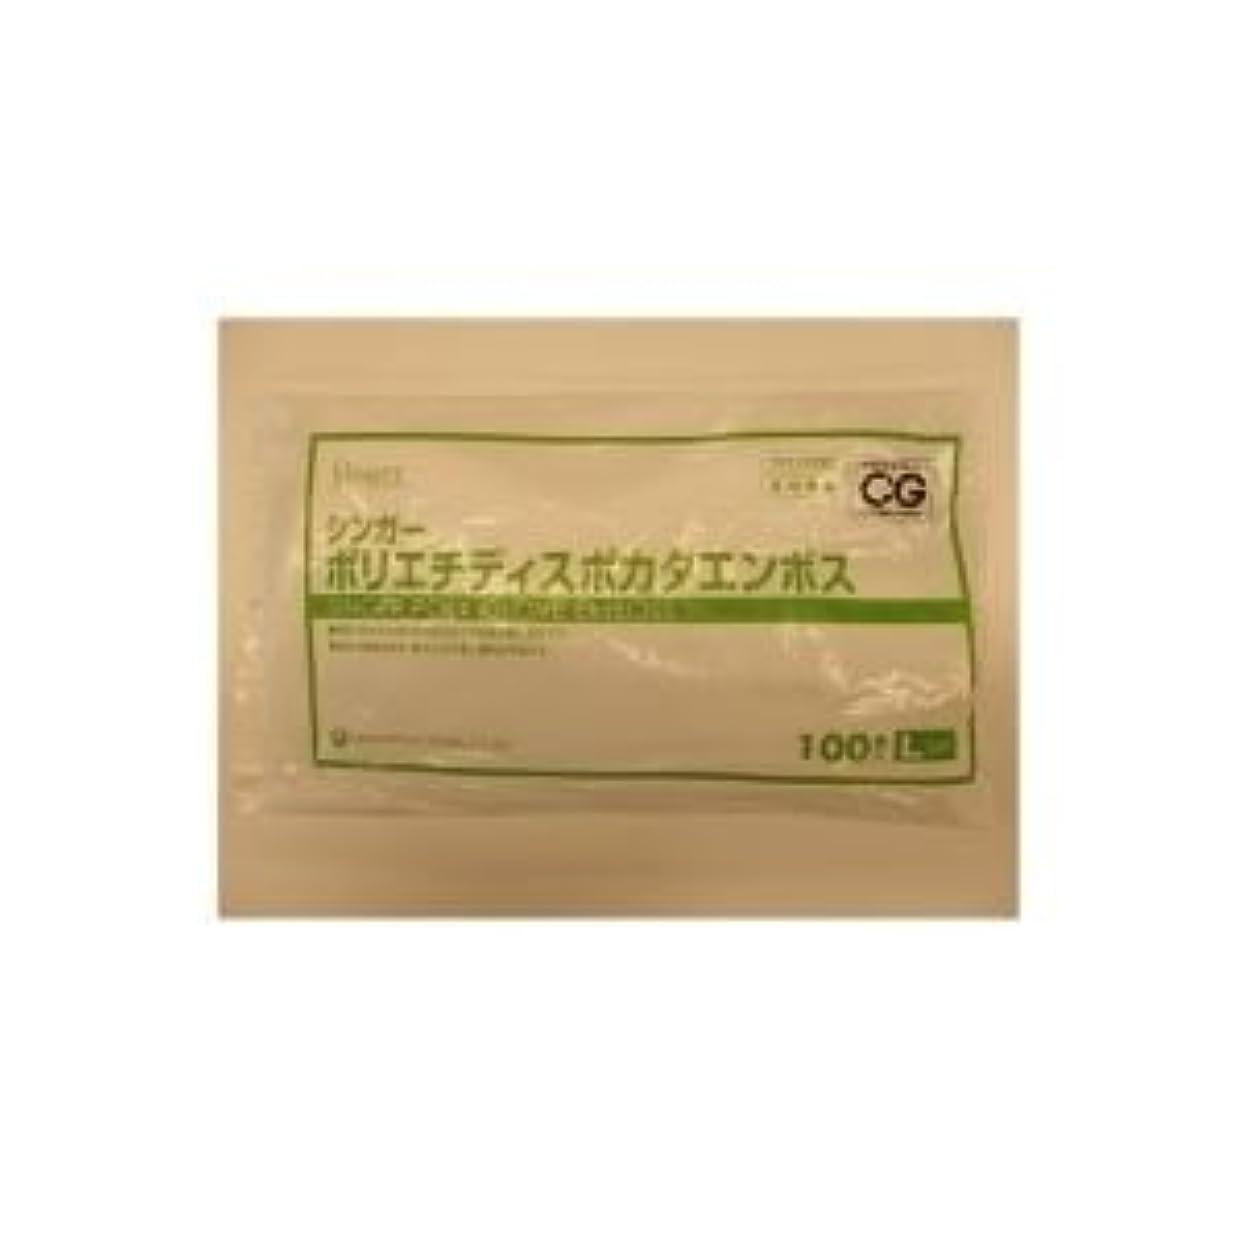 速記懇願する乱す( お徳用 100セット ) 宇都宮製作 ポリエチ ディスポ カタエンボス L 100枚入 ×100セット